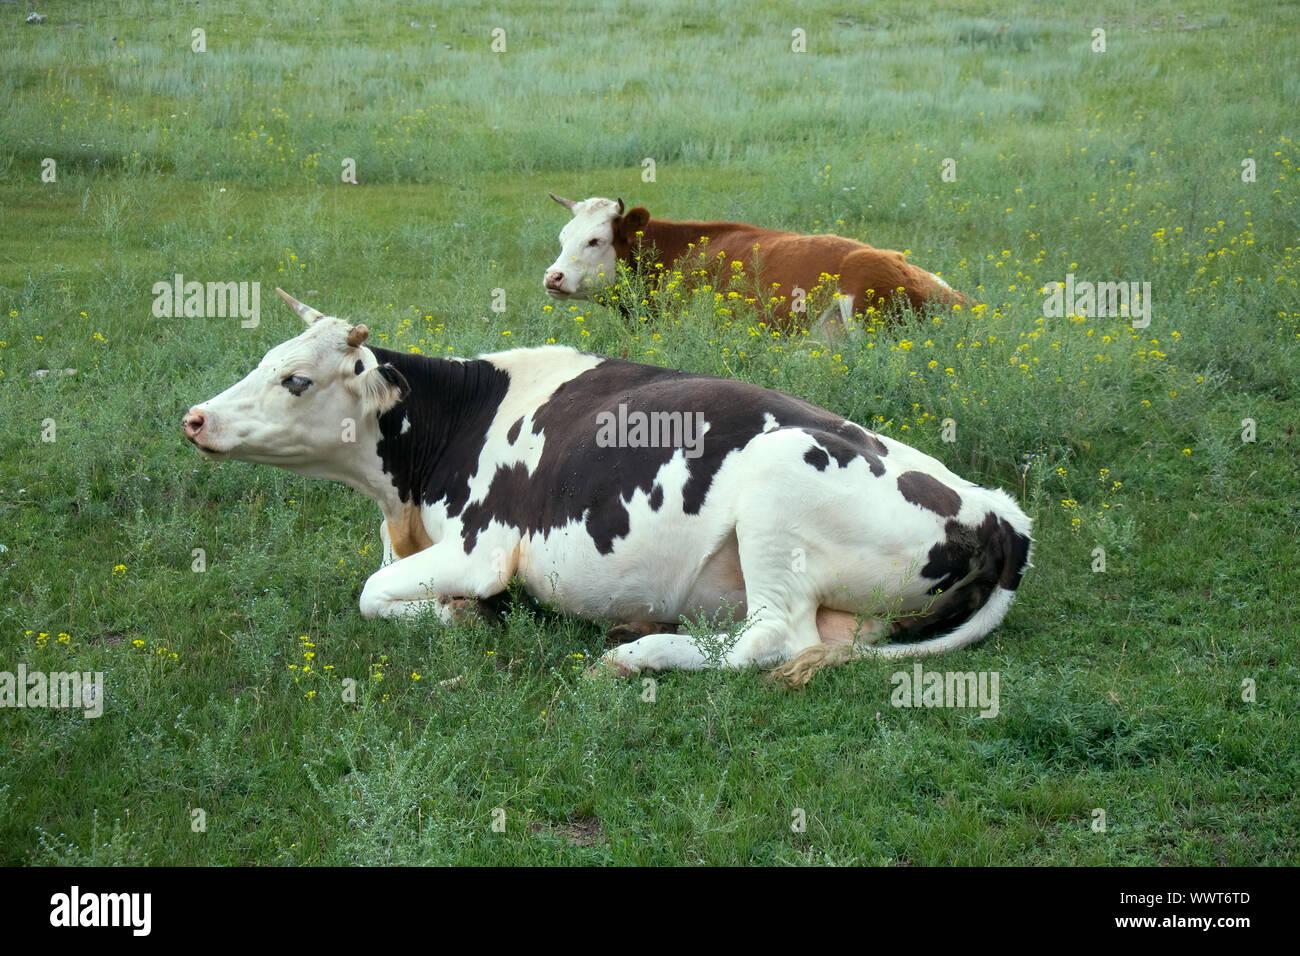 La cría de ganado de raza Holstein 2. Las vacas en la pradera Foto de stock